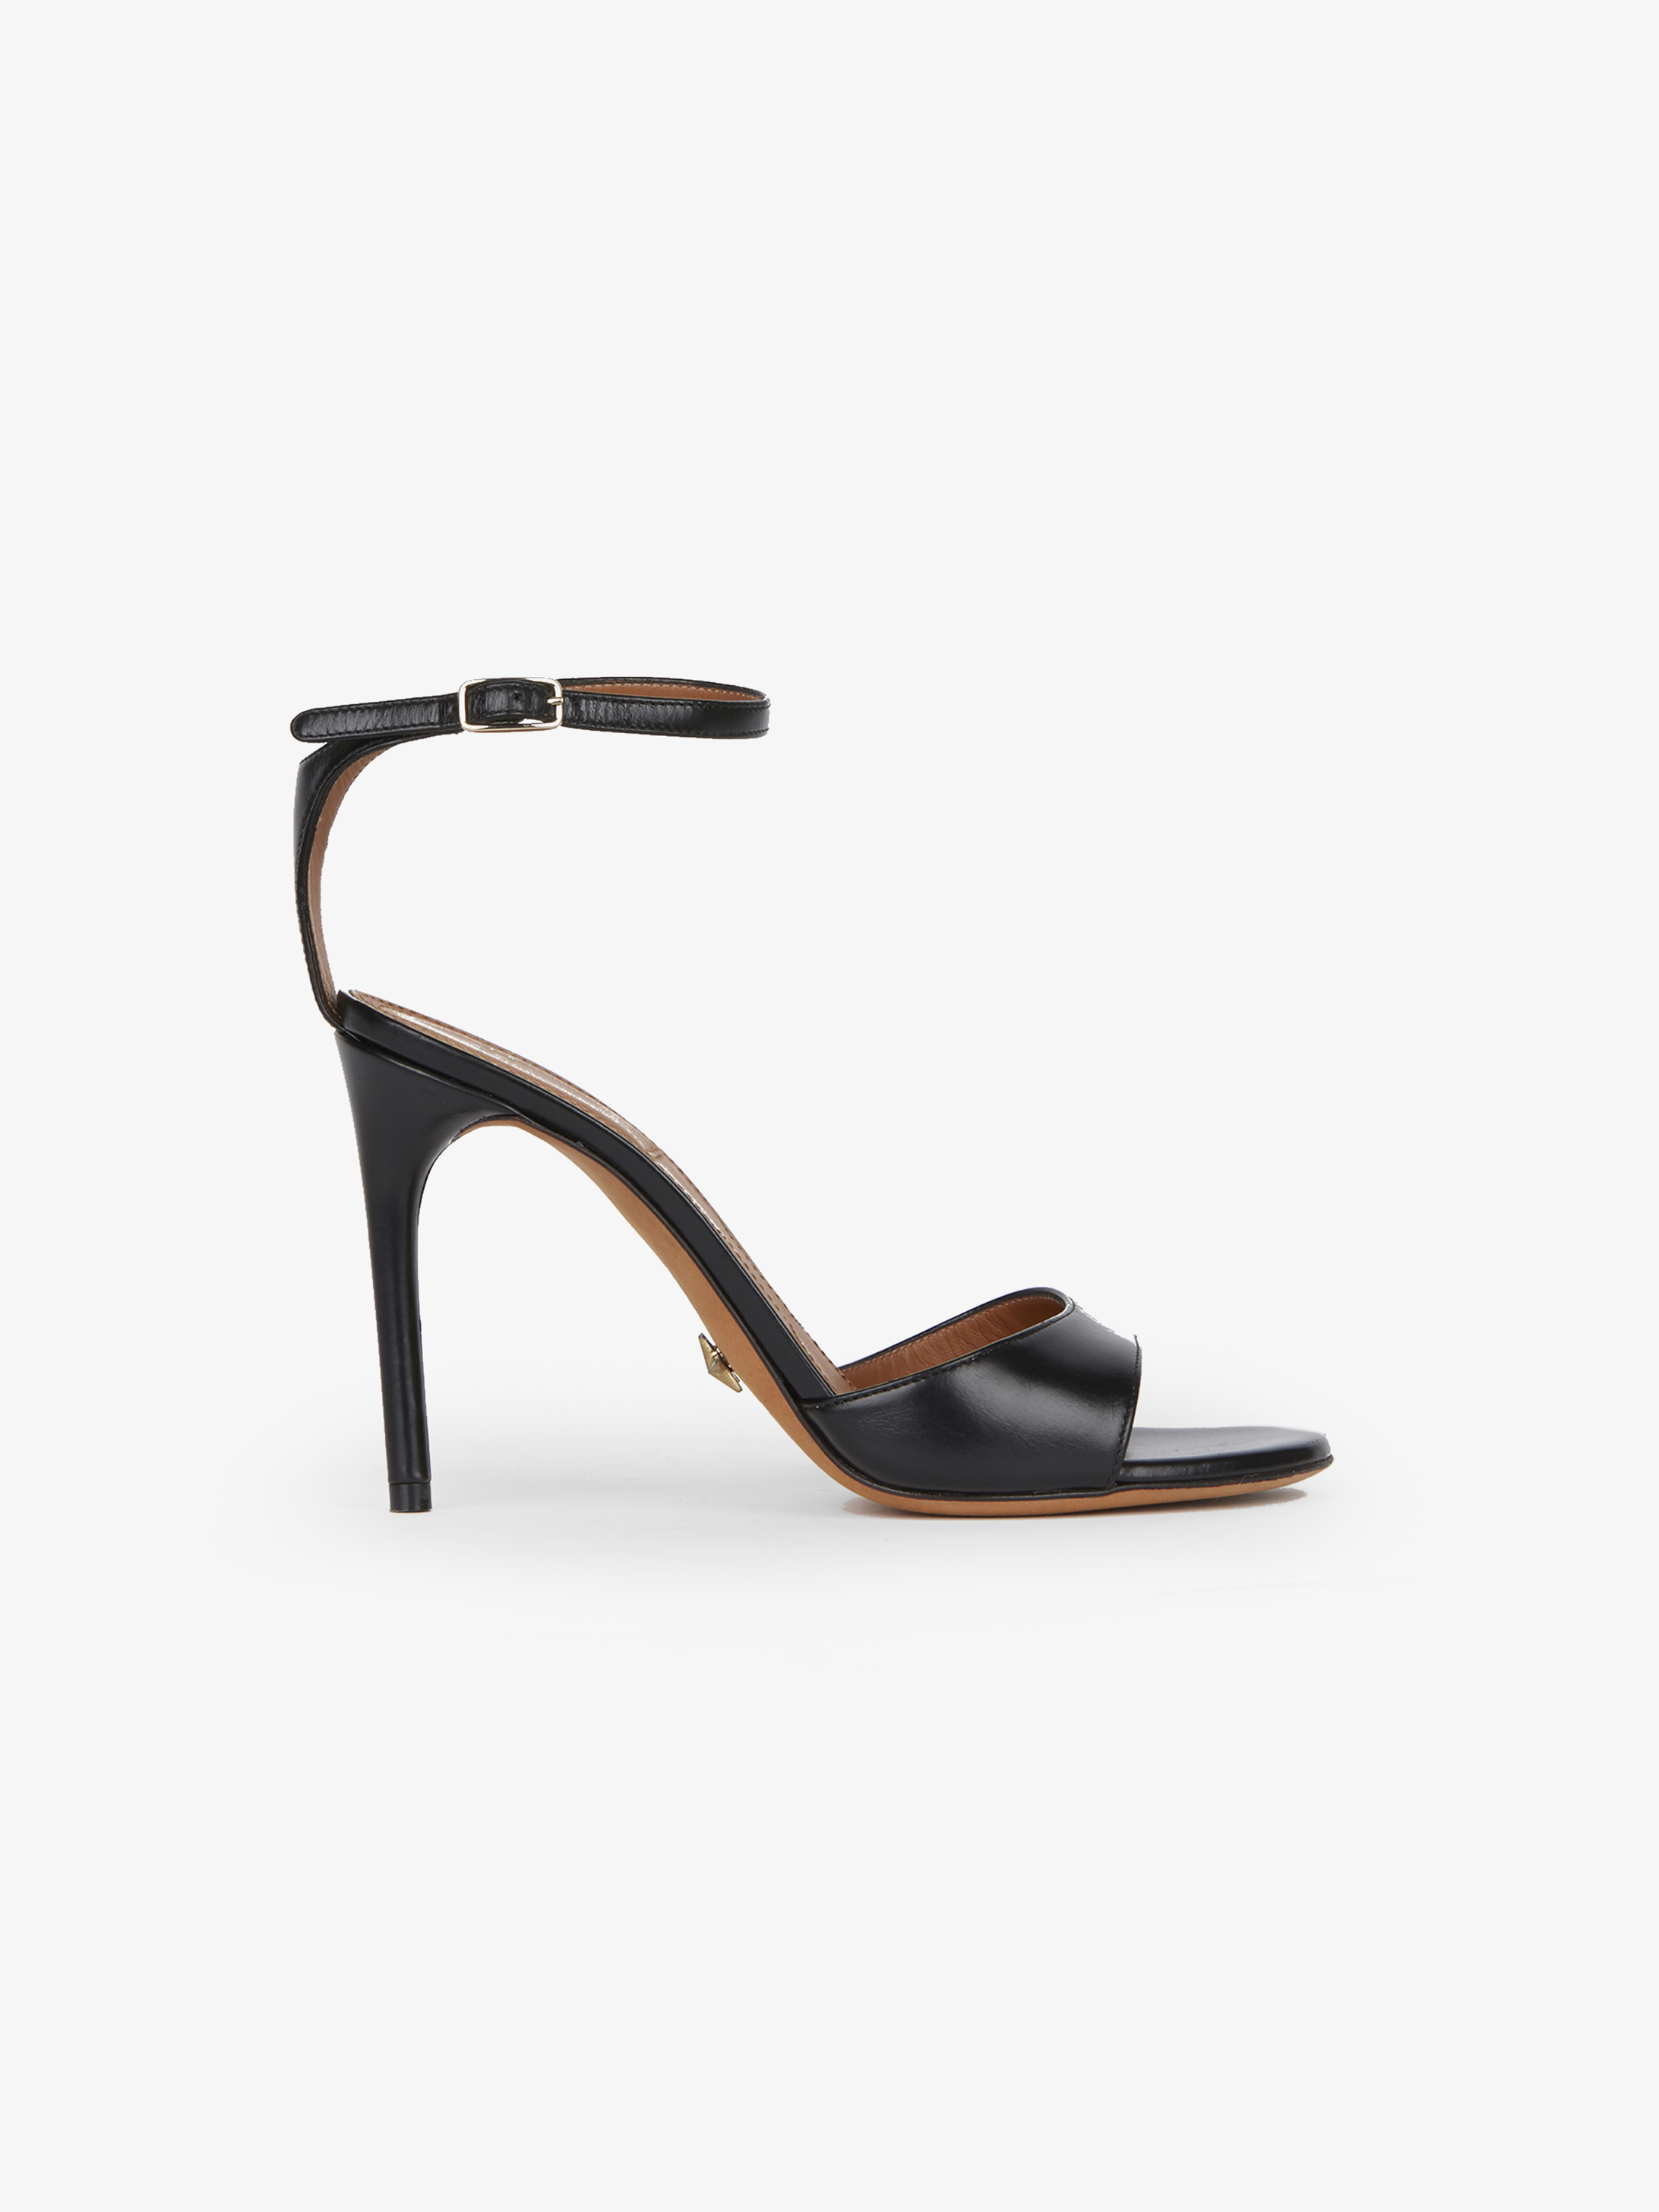 Sandales Classic en cuir